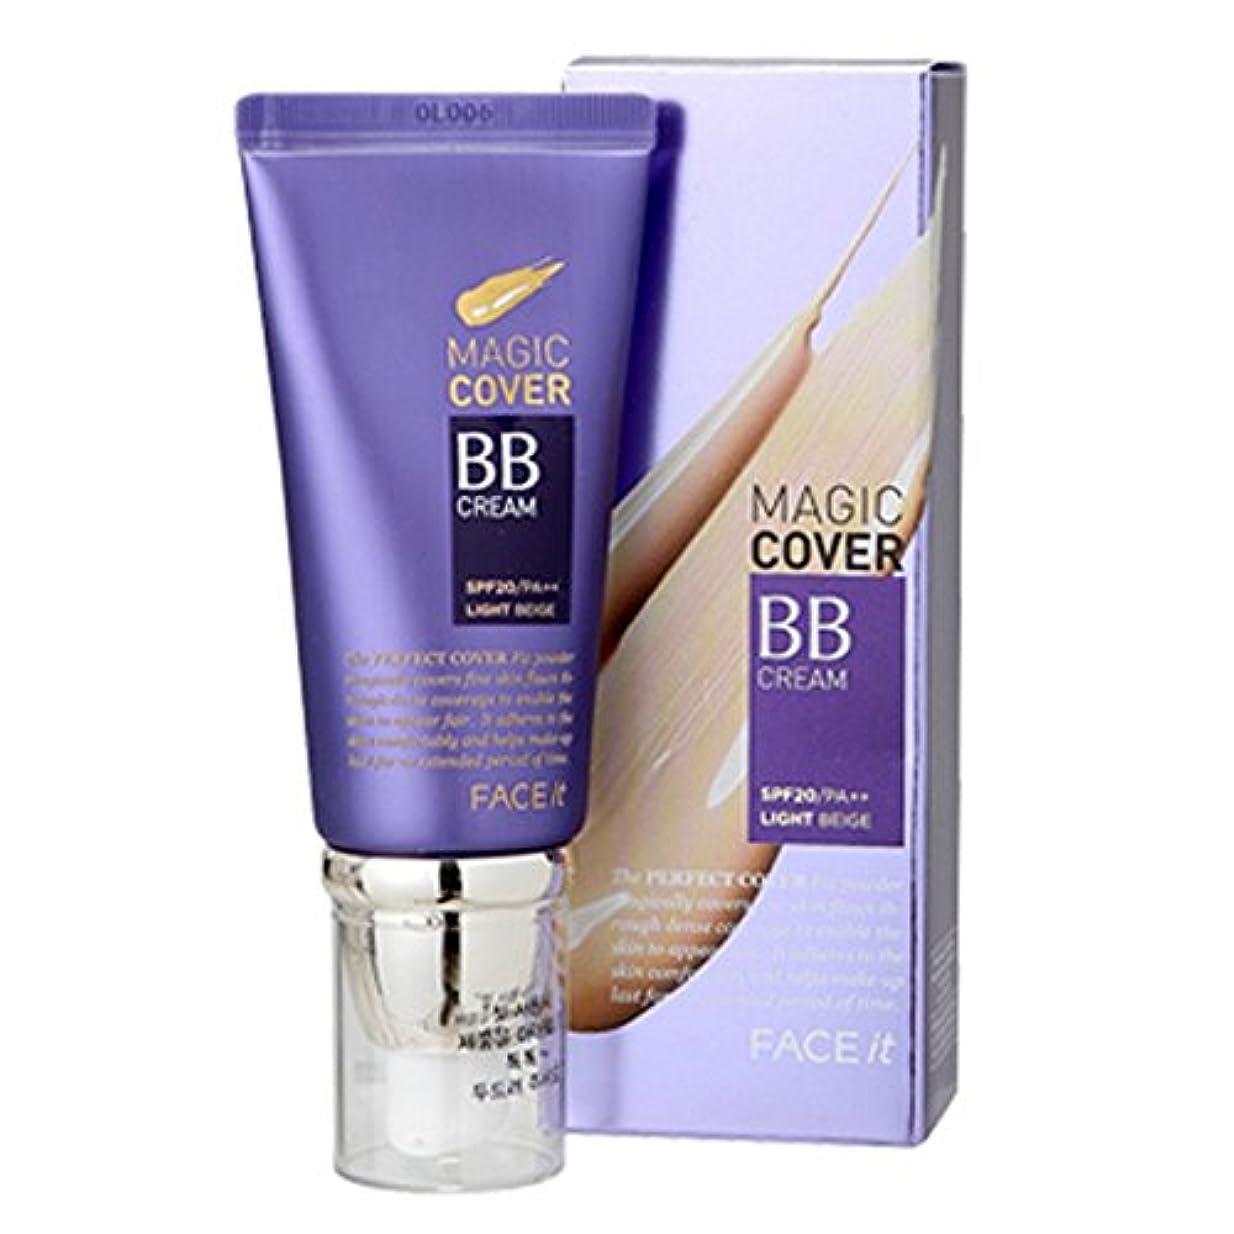 ピアース廃止するくまザフェイスショップ The Face Shop Face It Magic Cover BB Cream 45ml (01 Light Beige)